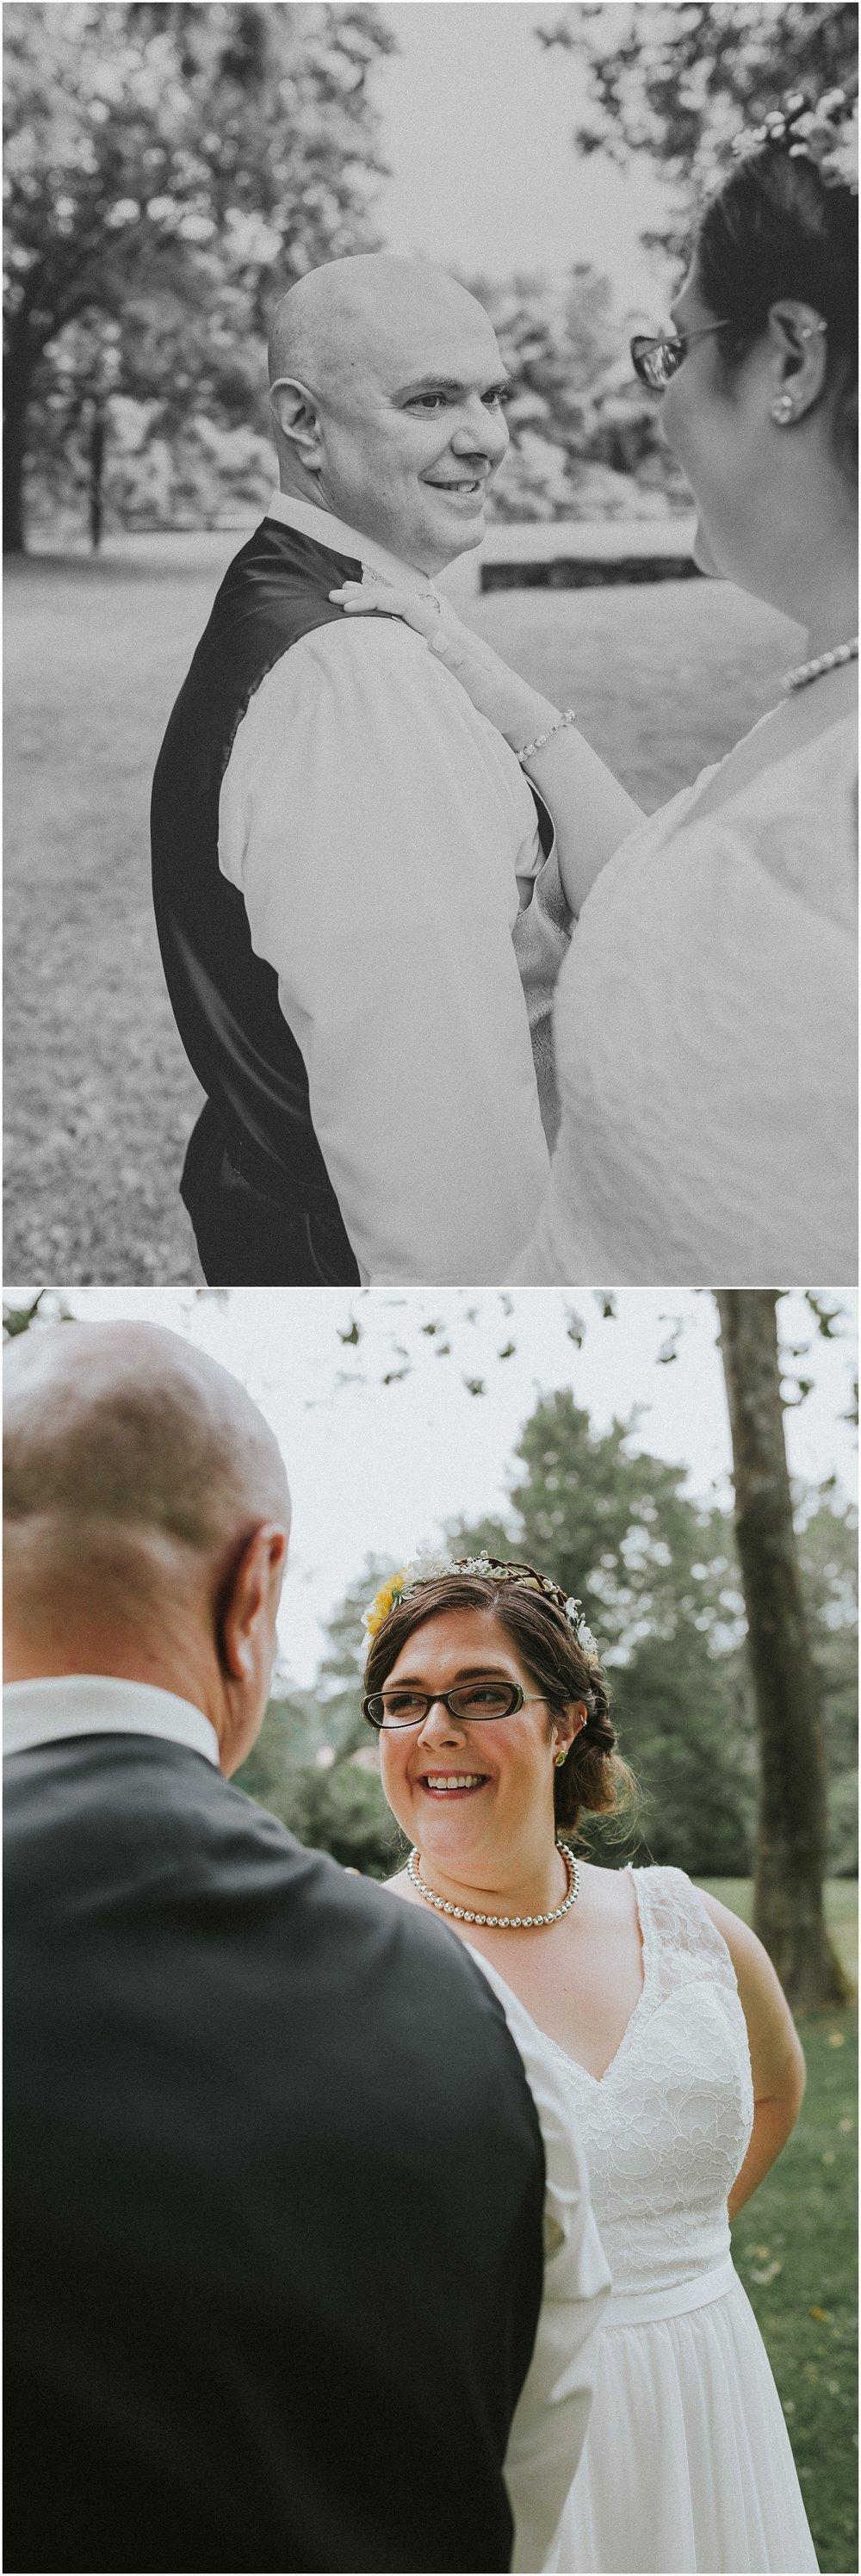 Reading-Pennsylvania-Outdoor-Wedding-DIY-Bride-Groom-Dancing-Laughter-Reception (42).jpg